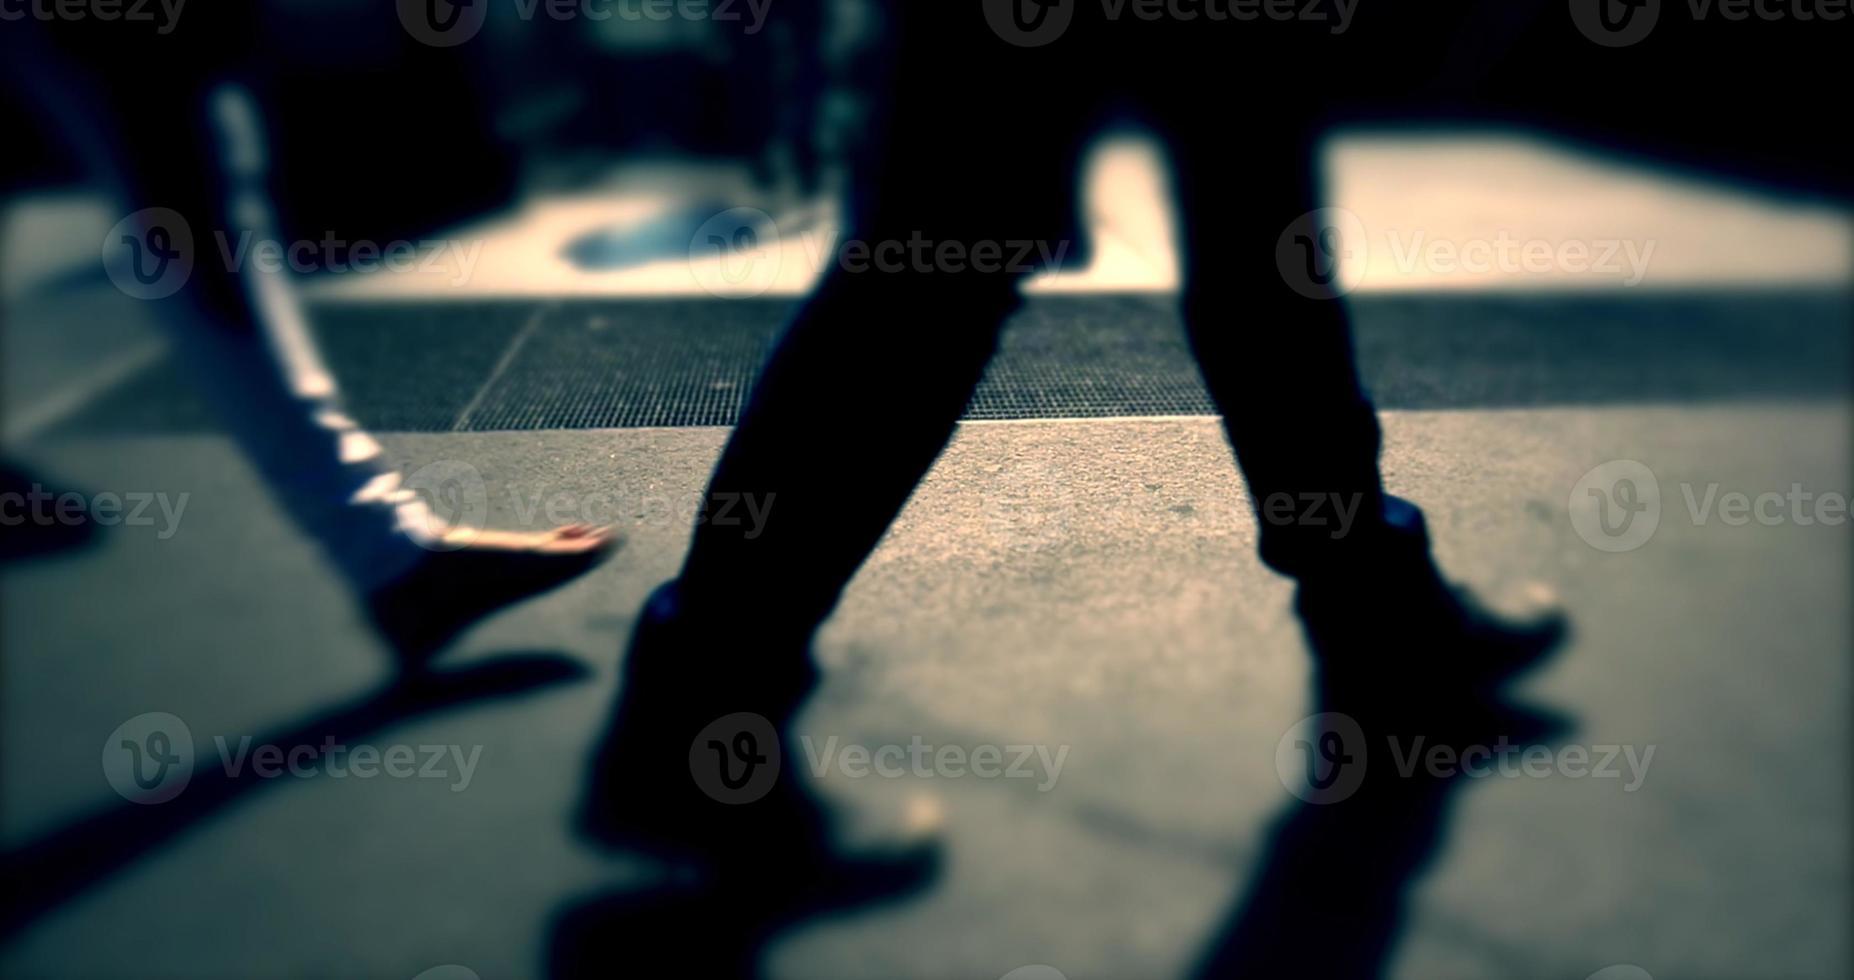 persone che camminano per strada affollata, prospettiva bassa, strada trafficata foto